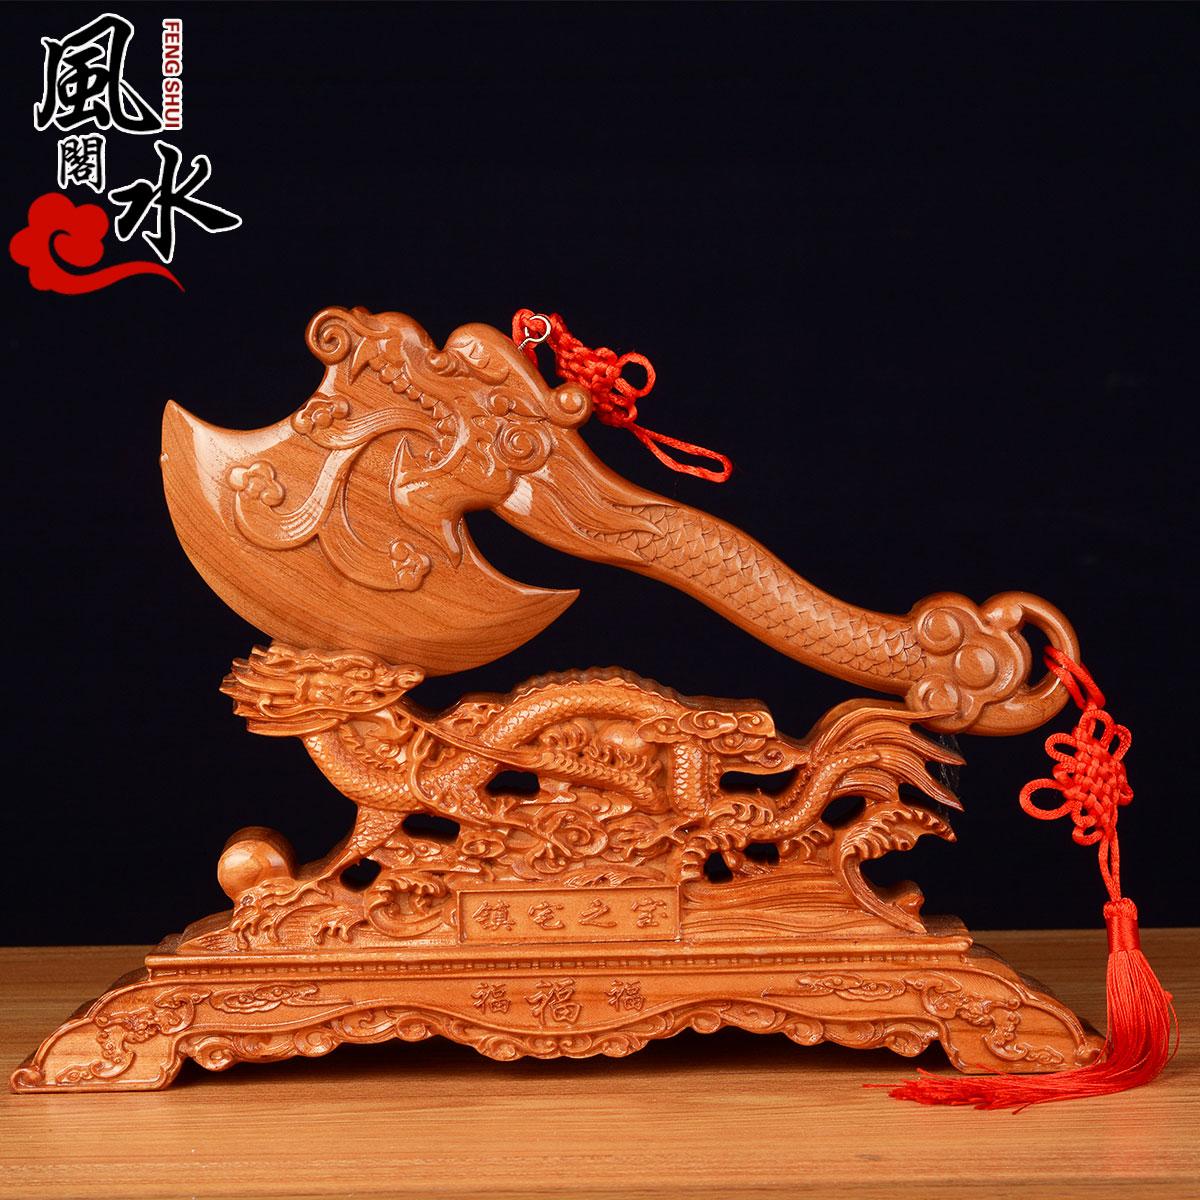 桃木斧子摆件搬家睚眦龙头斧头木雕摆件结婚